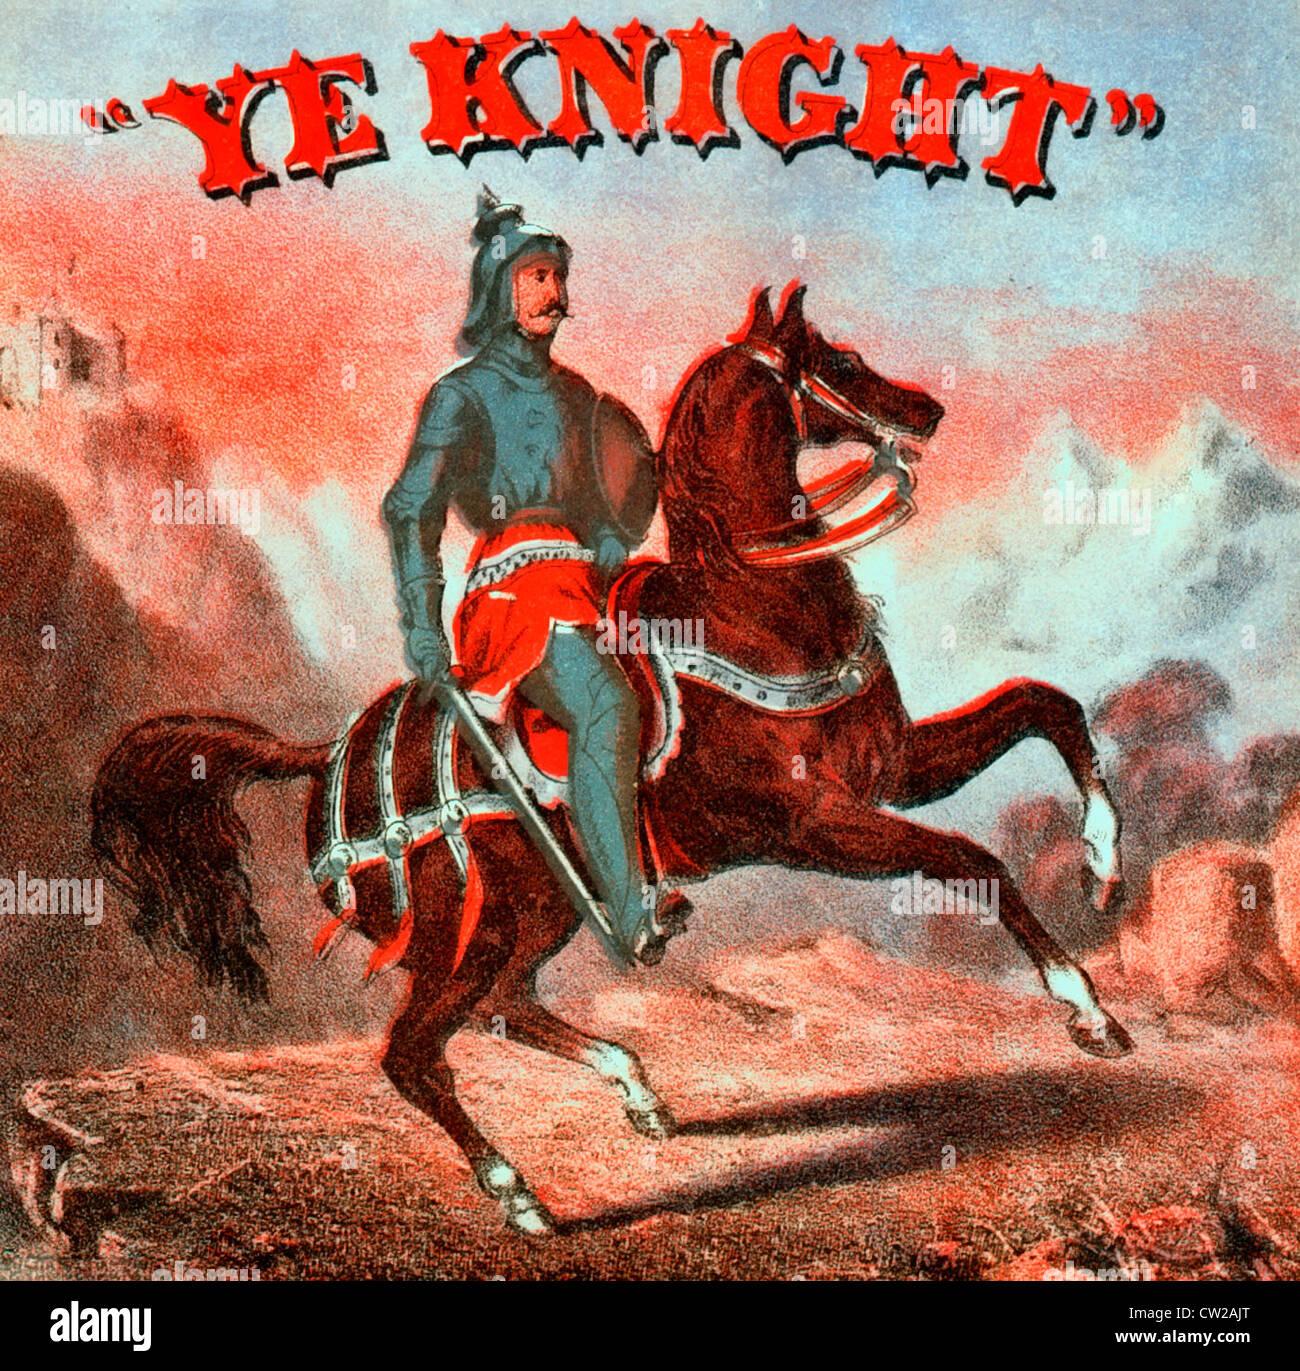 Voi Knight - etichetta di tabacco che mostra è montato un cavaliere in armatura; sullo sfondo delle montagne Immagini Stock